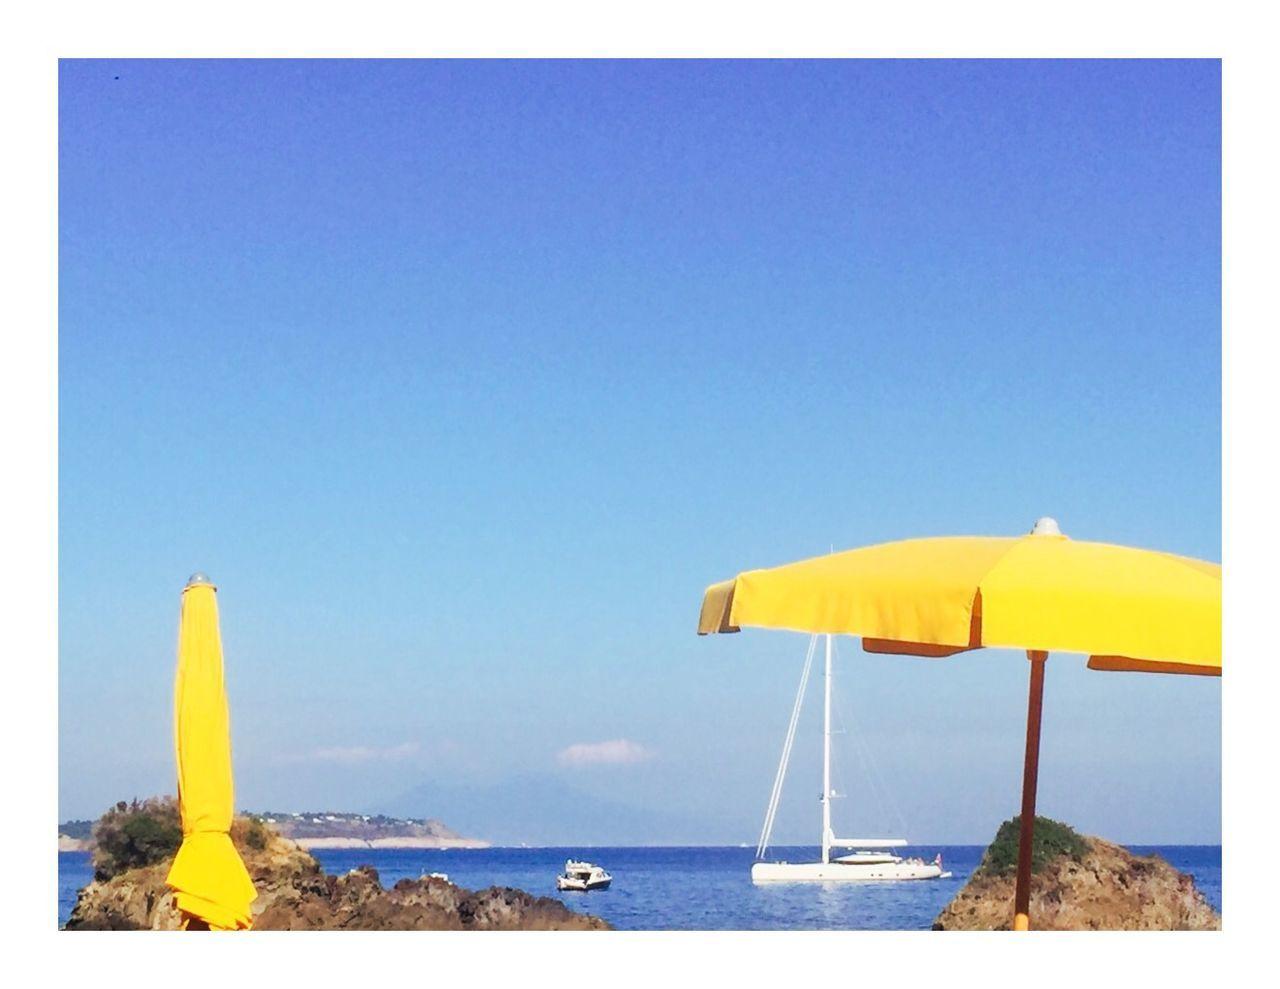 Yellow Italy Bay Sea Ischia Scogli Di Sant'anna Sun Boats Two Sea And Sky